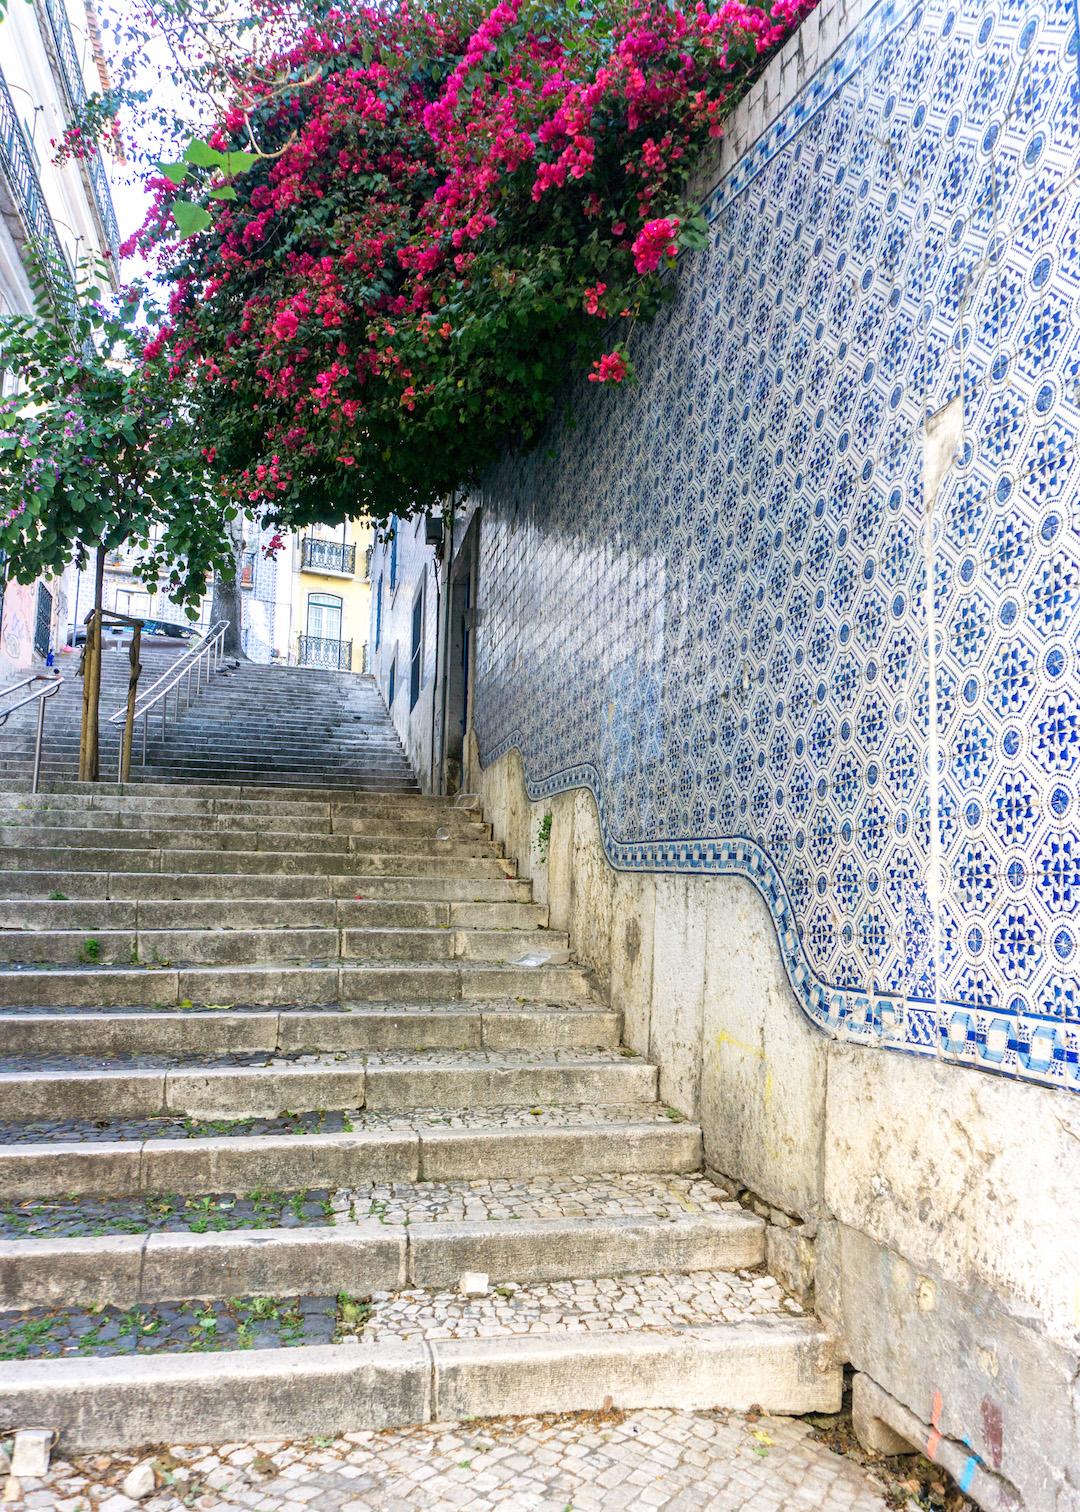 Her_Travel_Edit_Lisbon_Tiled_Walls